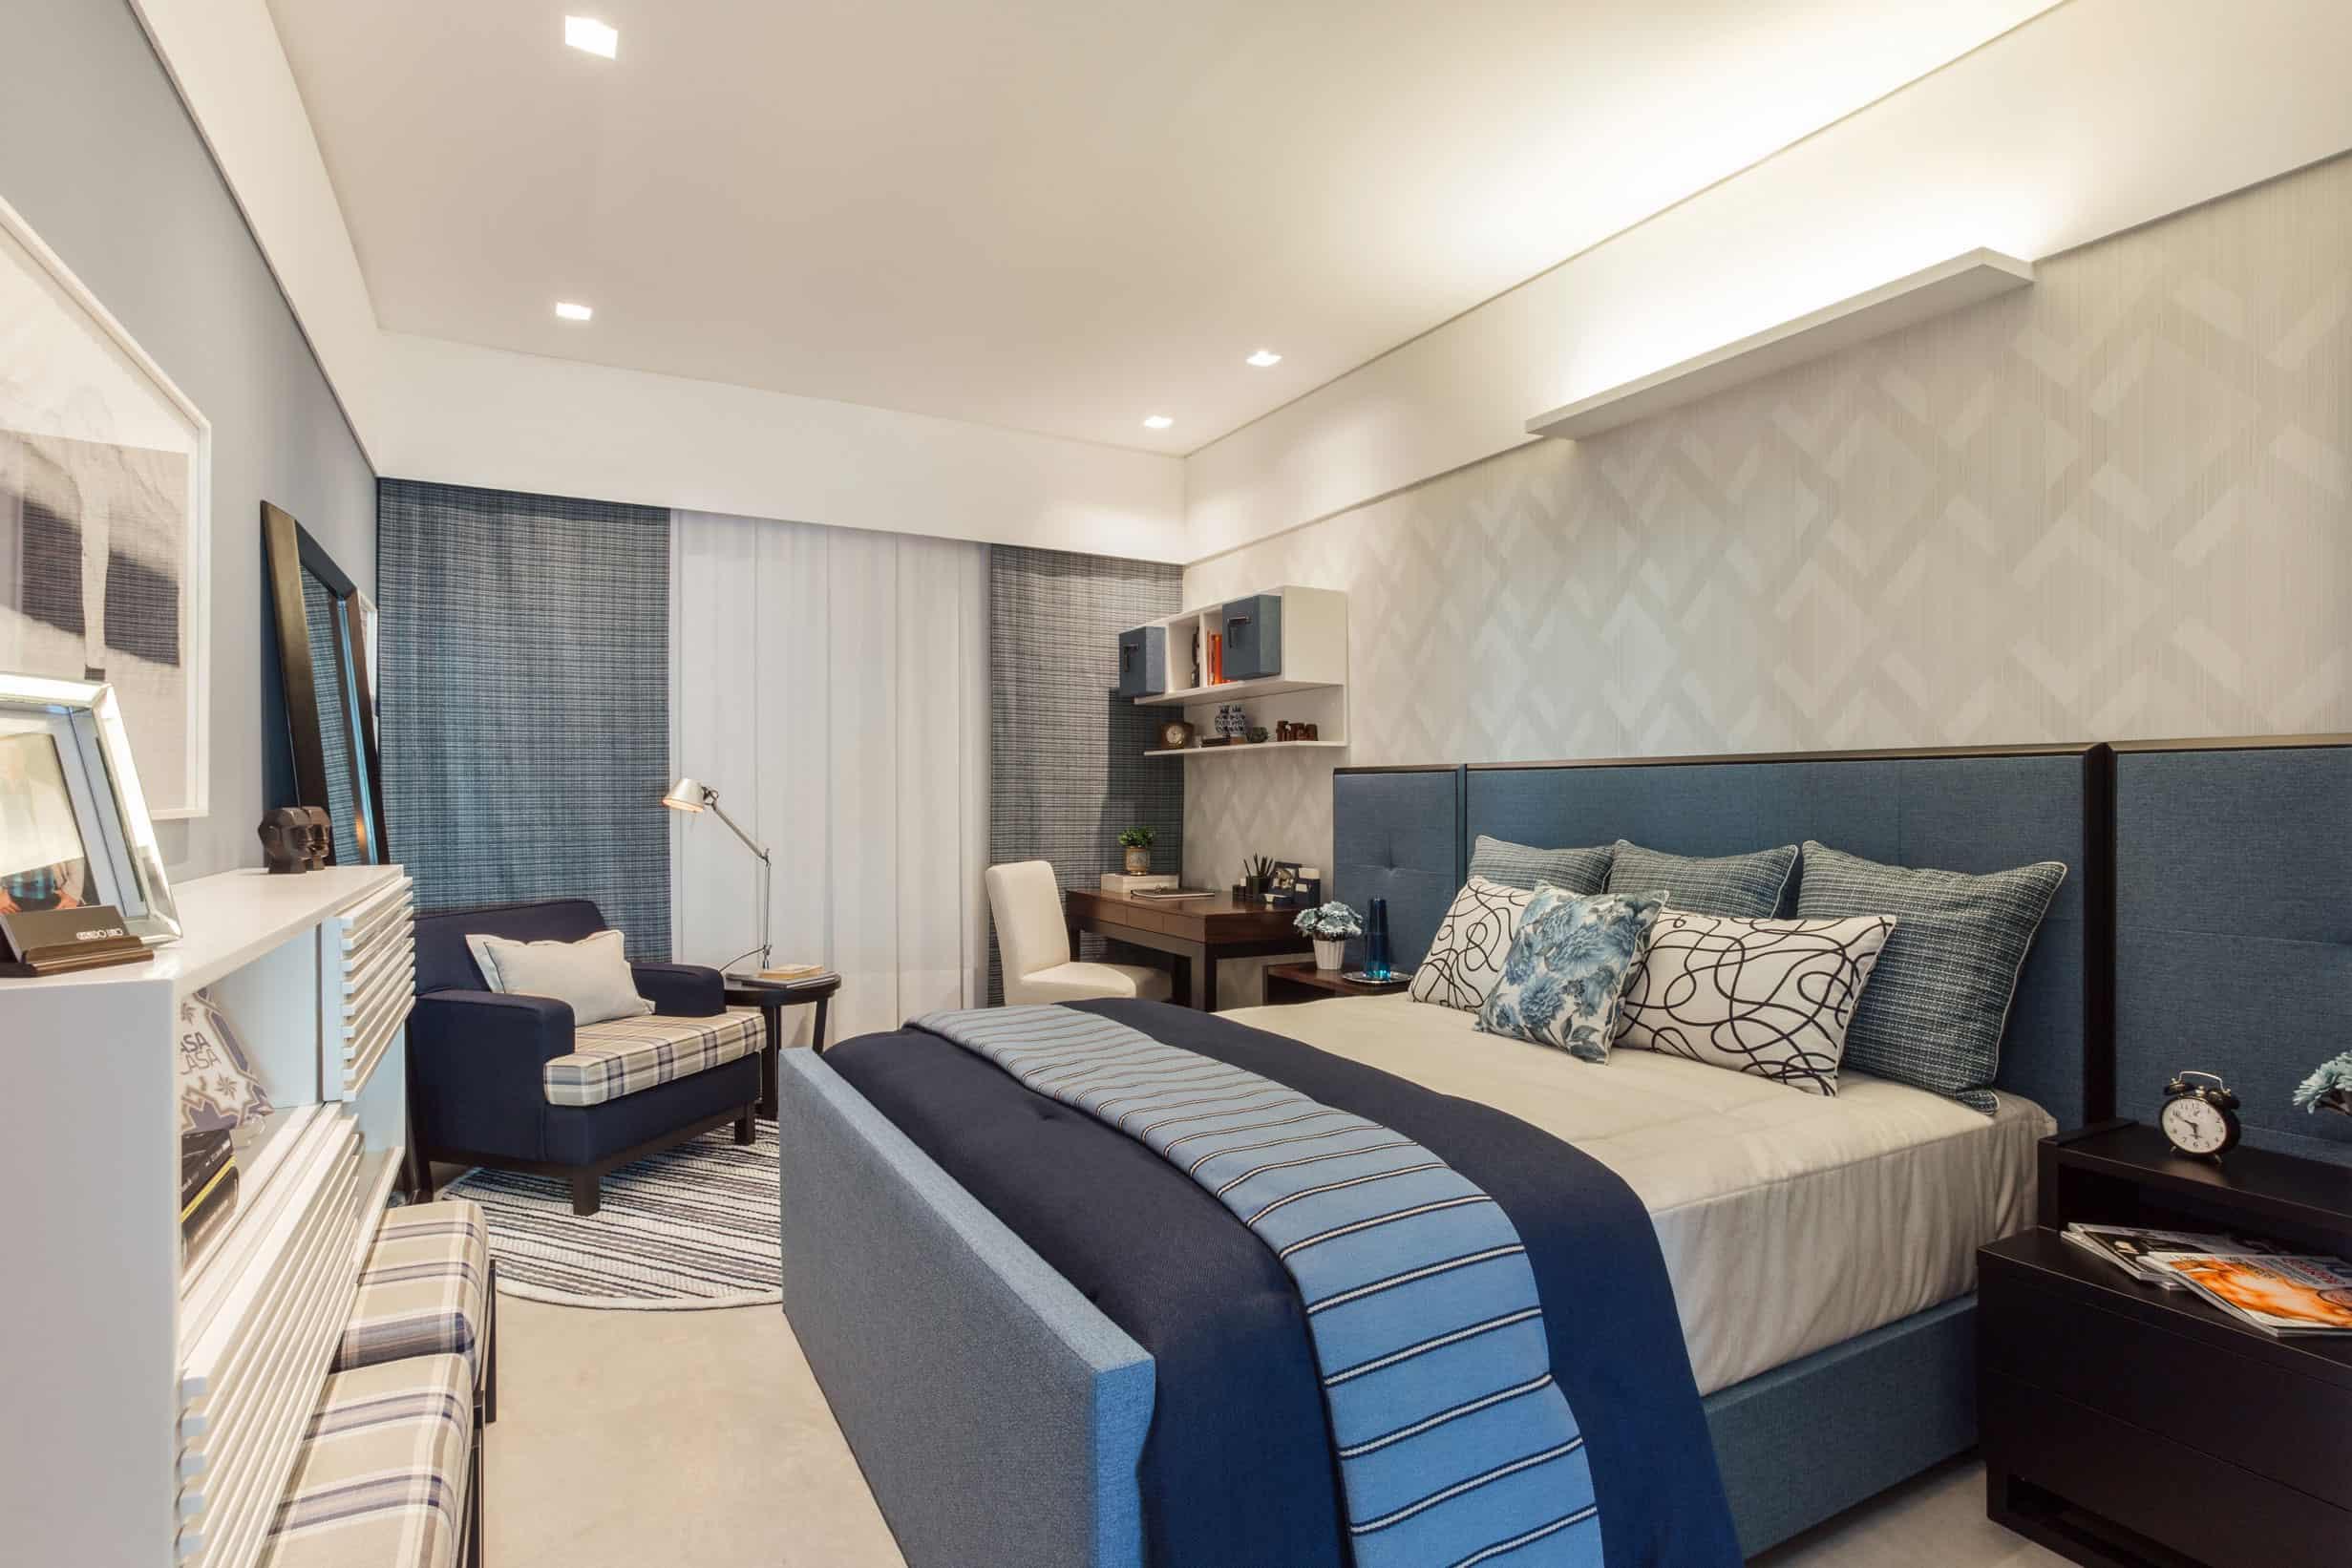 Dormitório com criado mudo preto com nicho e gavetas